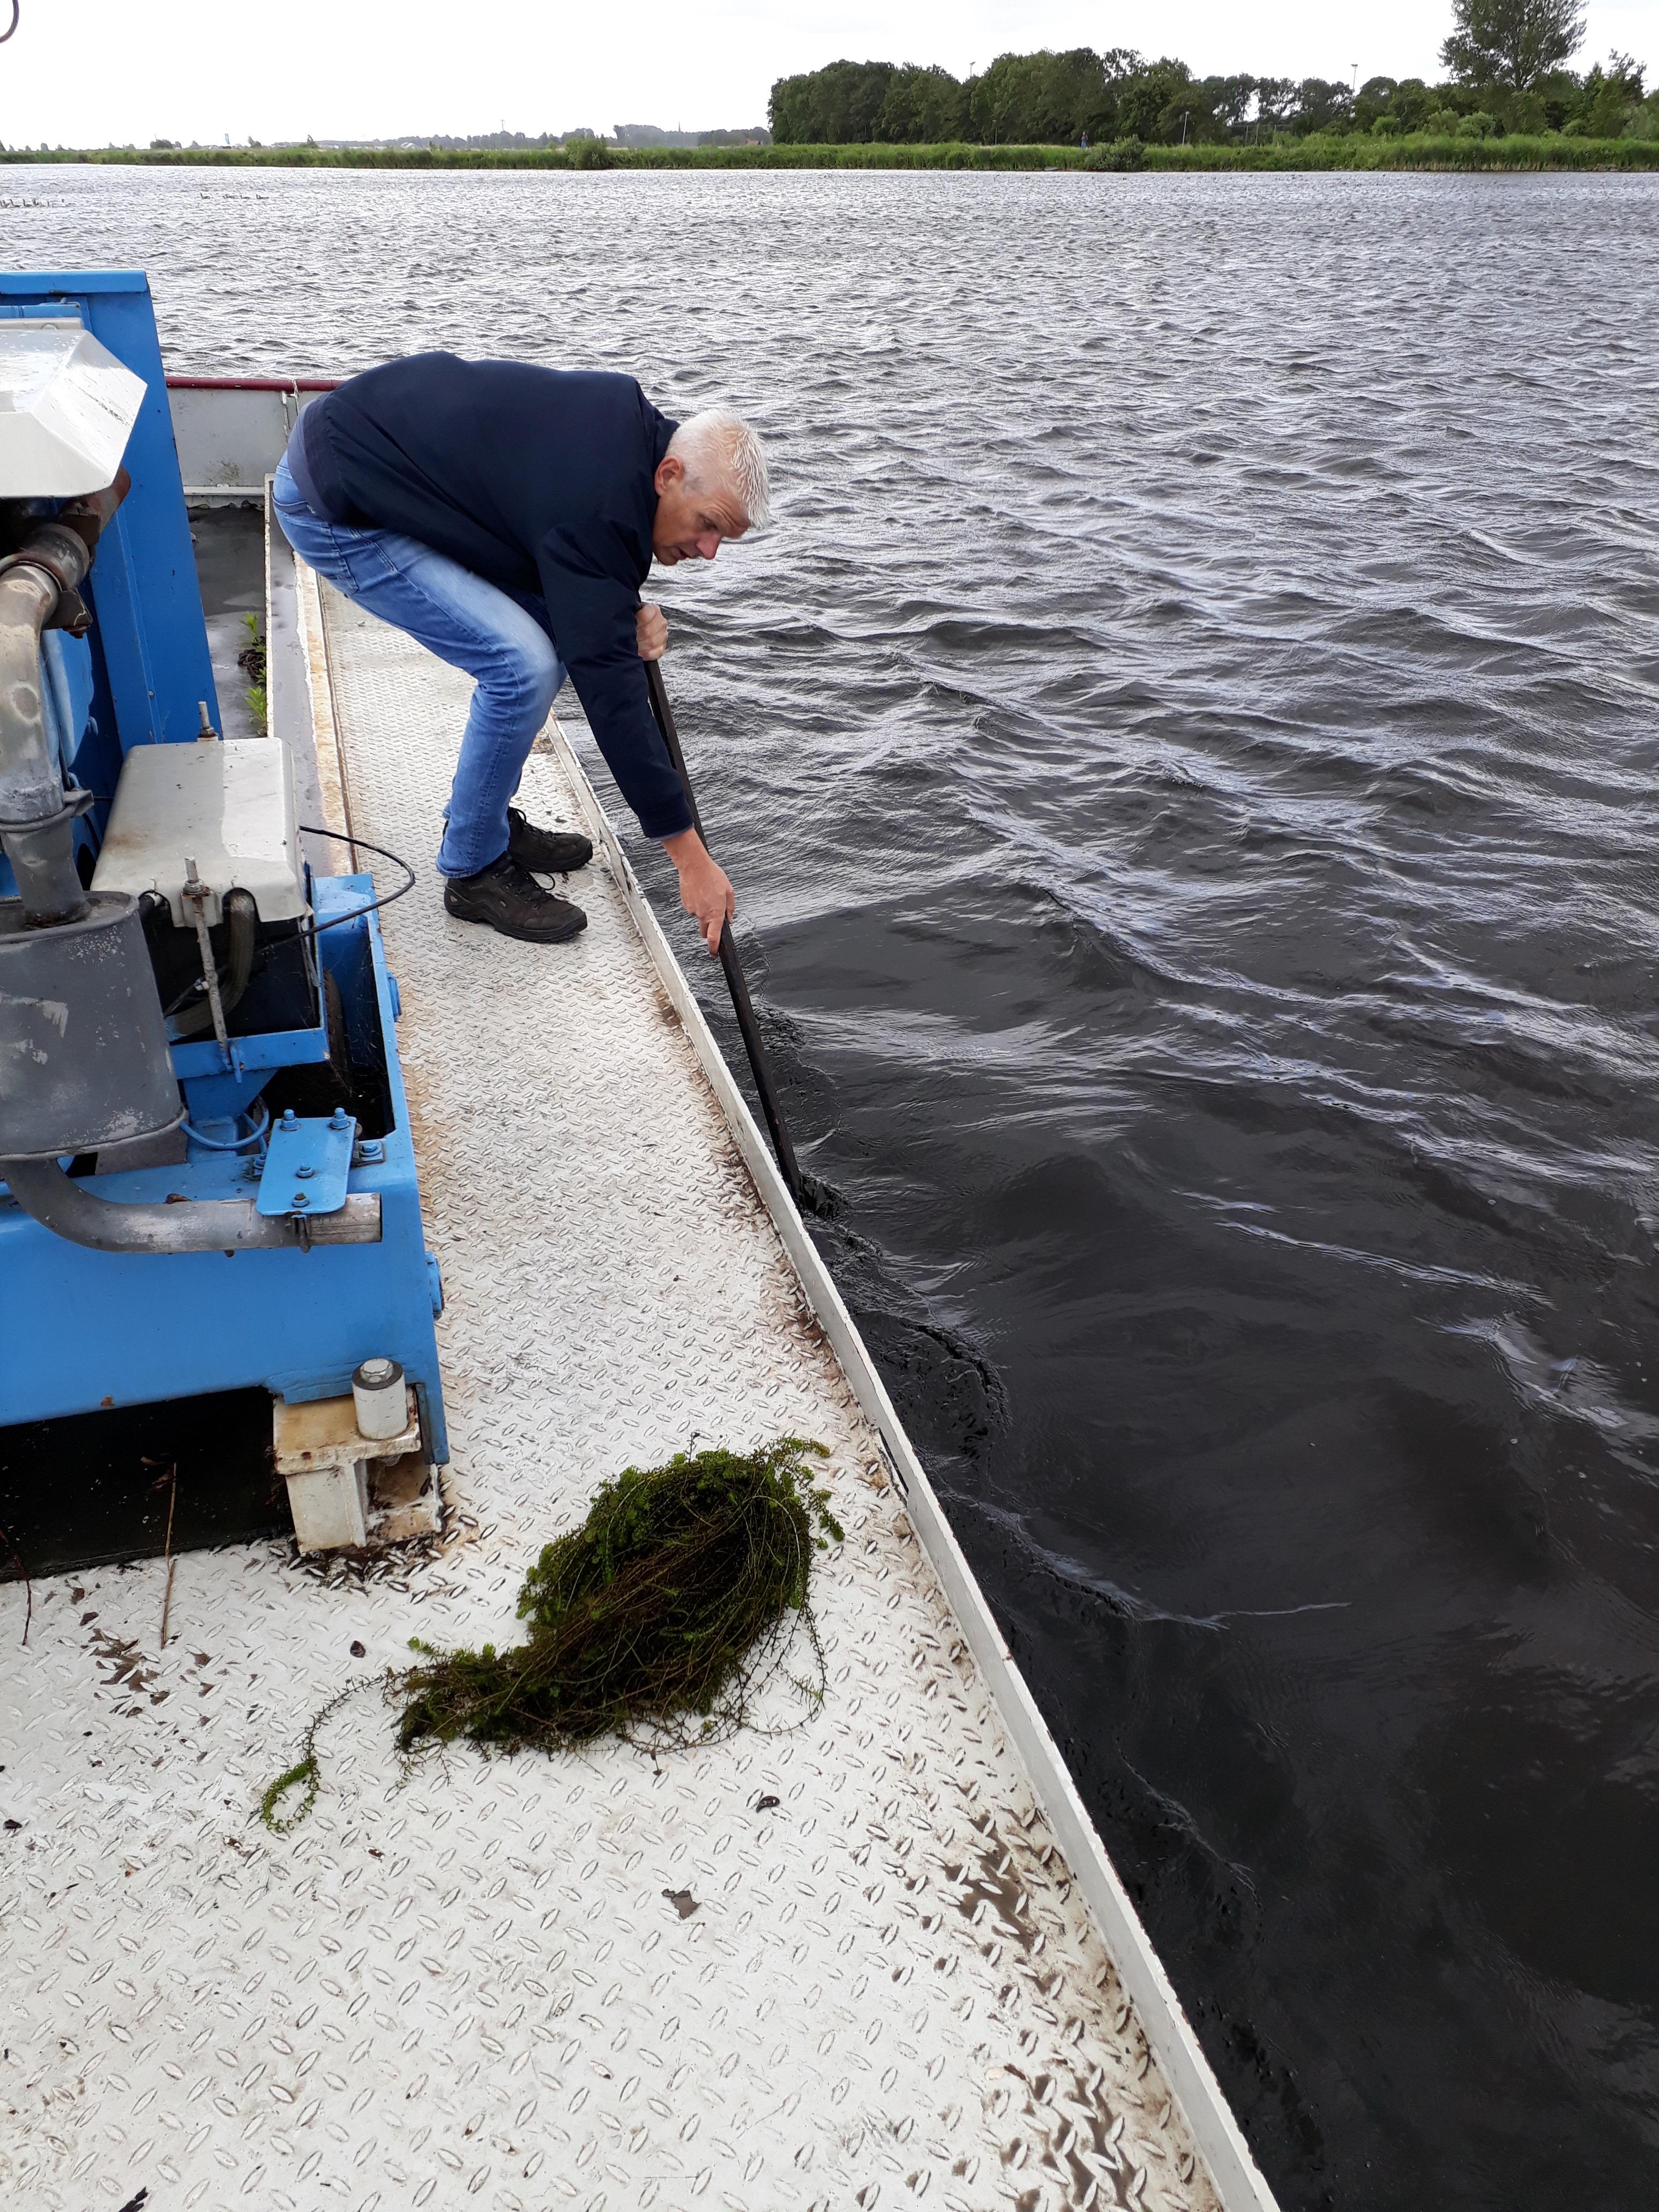 Indien er gemaaid wordt, worden de waterplanten op een duurzame manier verwerkt. (aangeleverde foto)